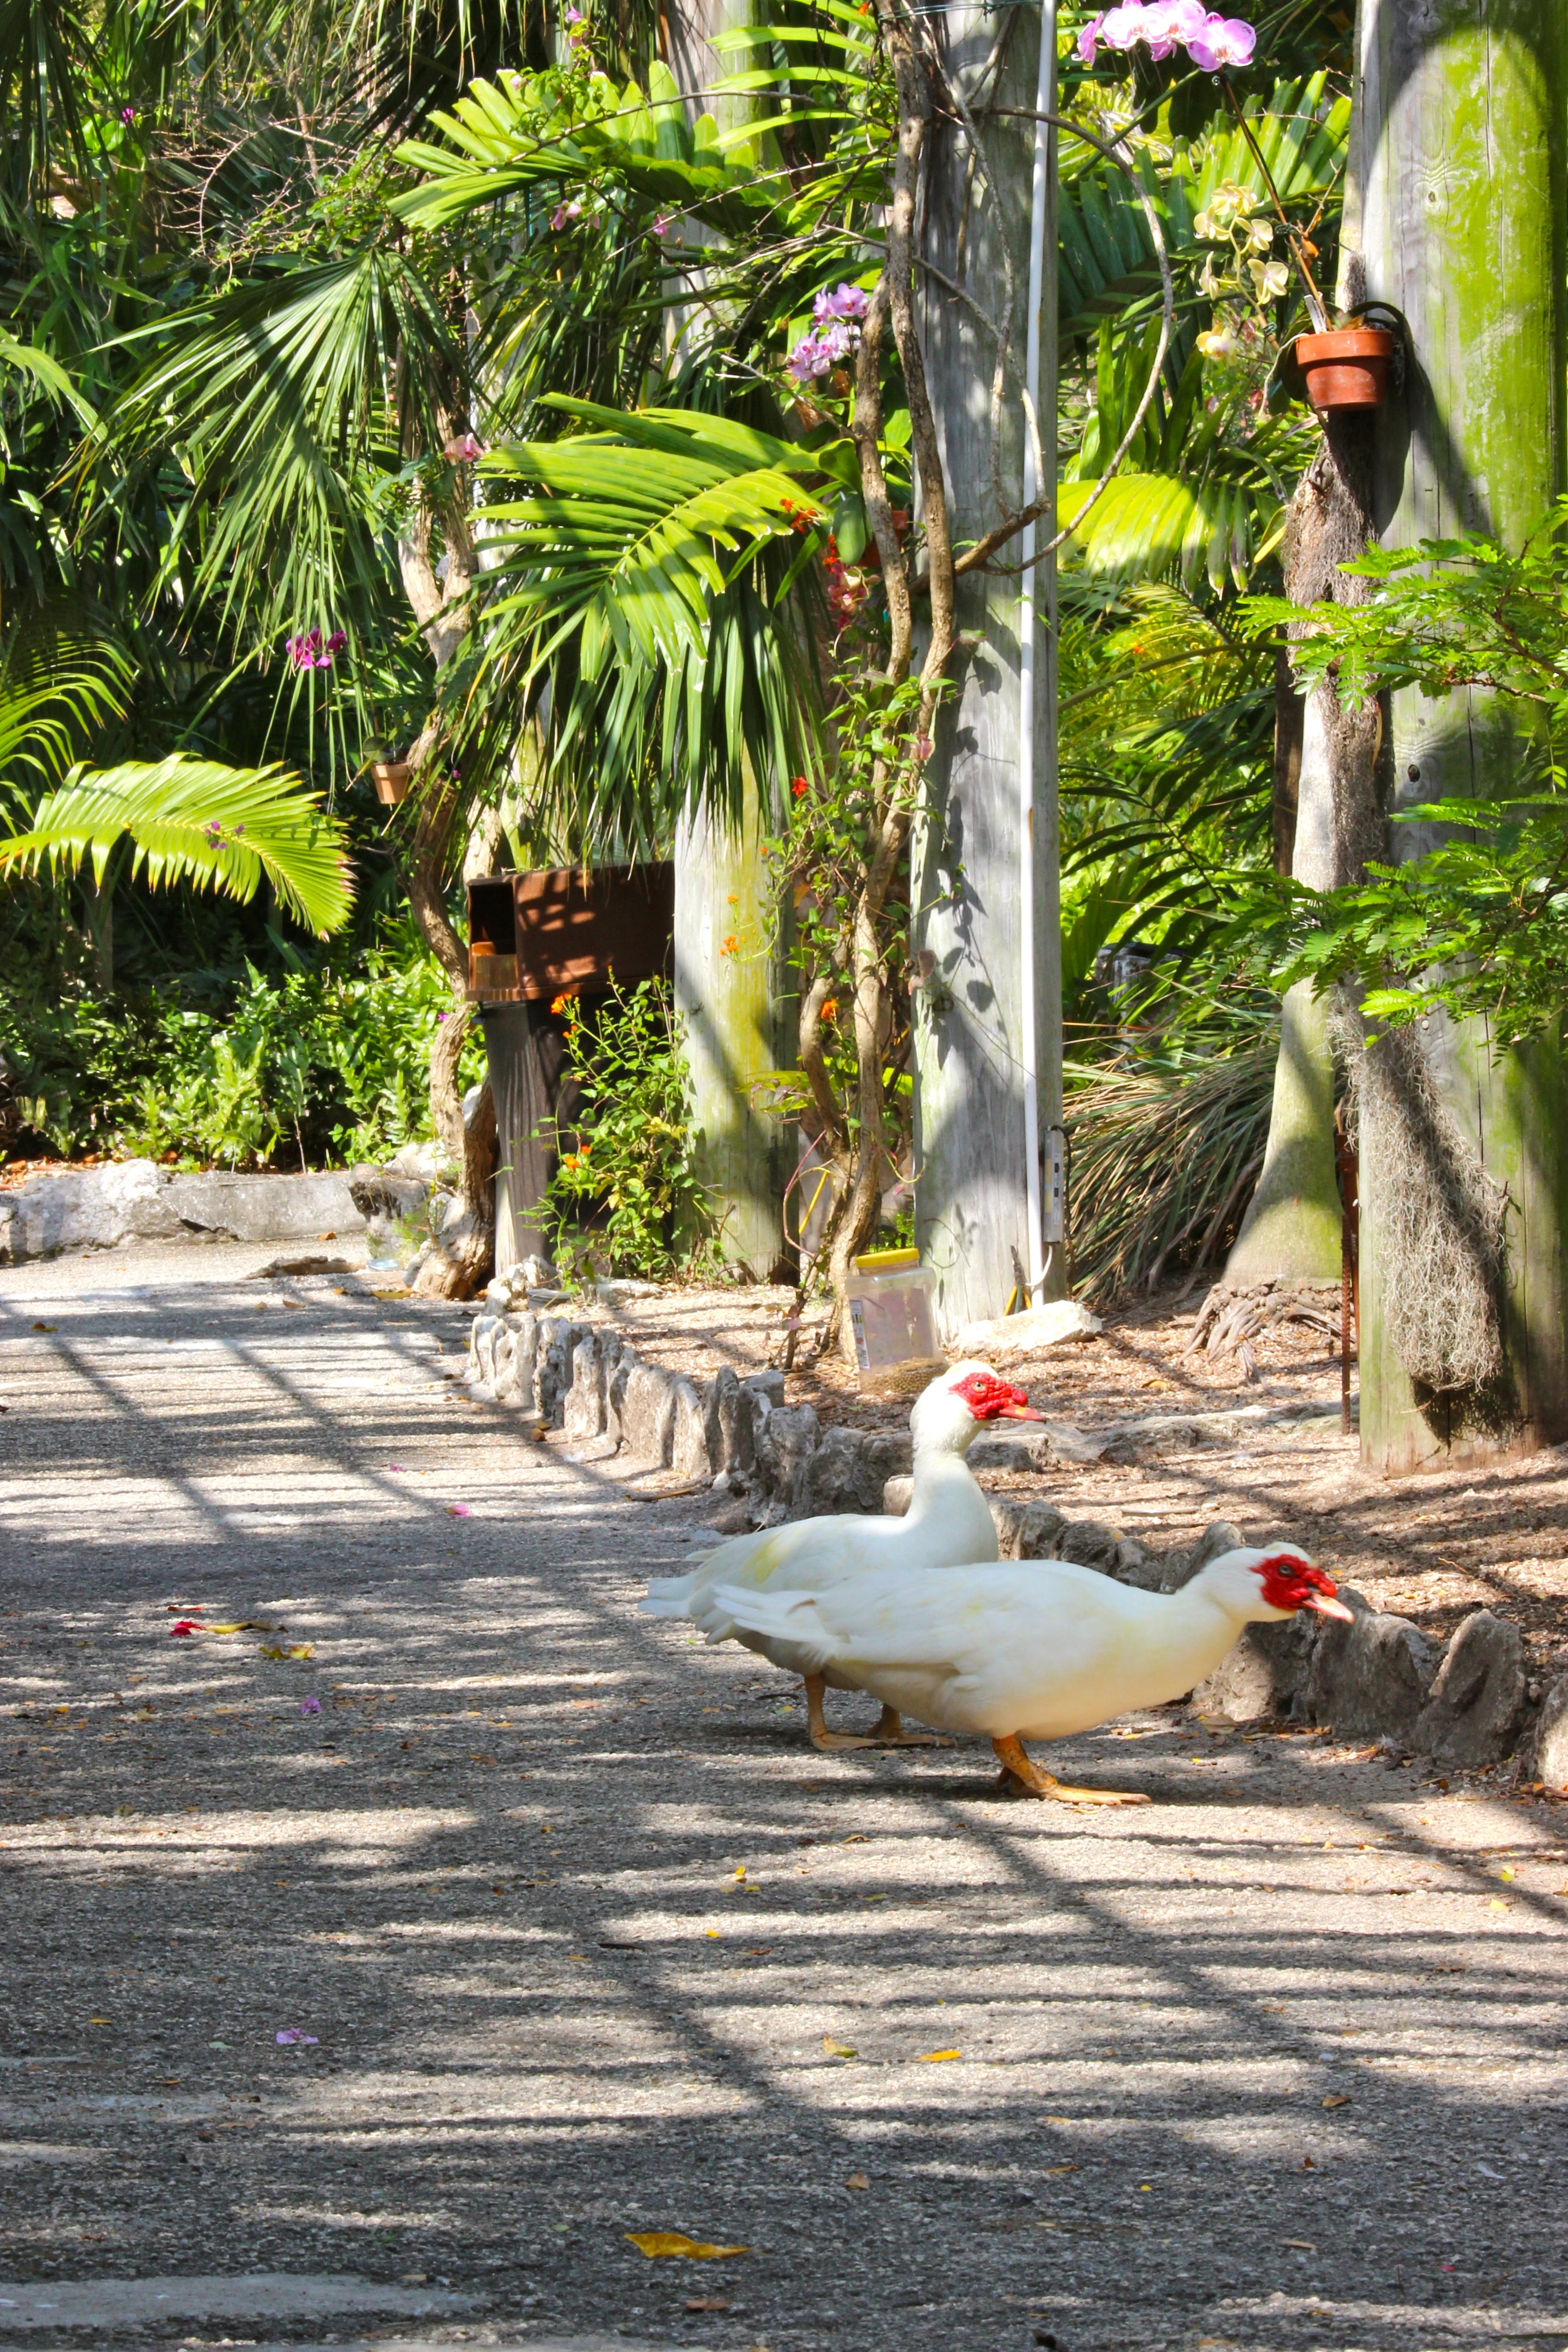 Walk through healing garden in the bahamas drchana - When you walk through the garden ...